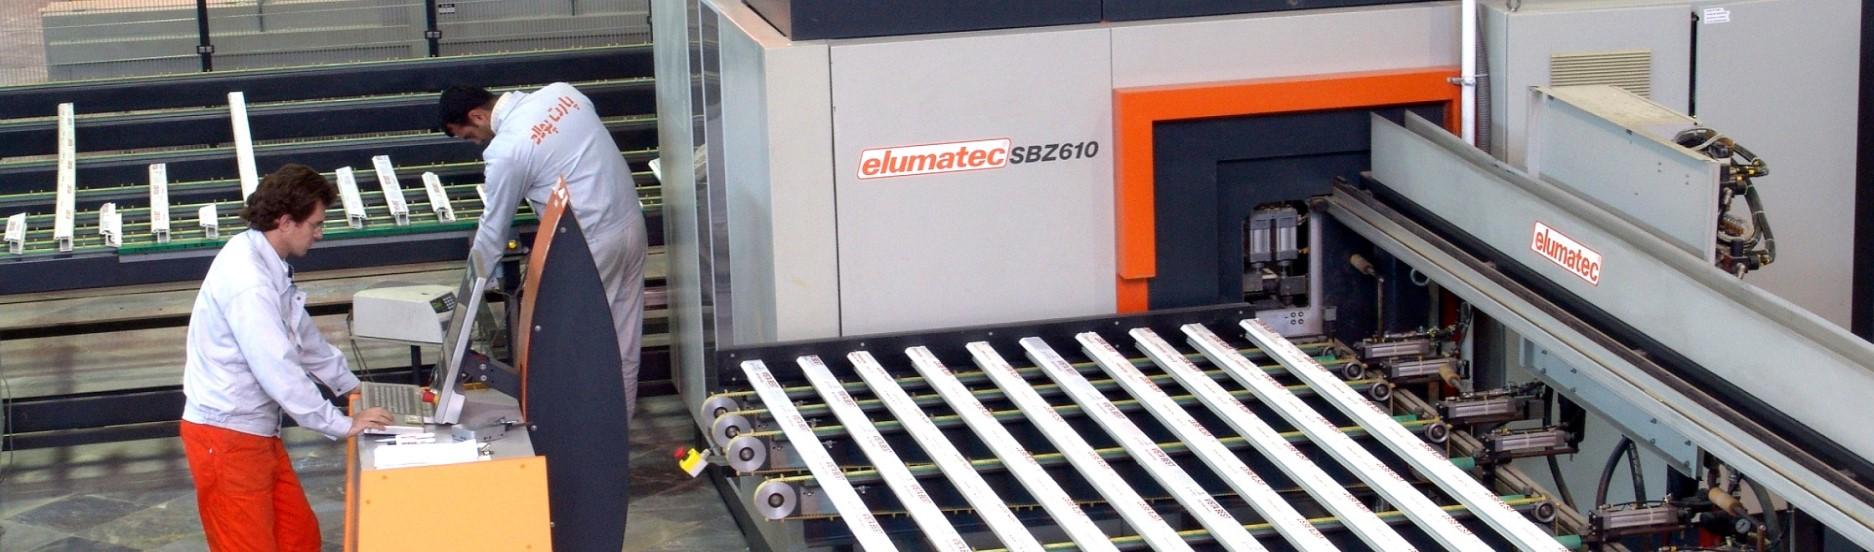 دارای ماشین آلات تمام اتومات Elumatec آلمان